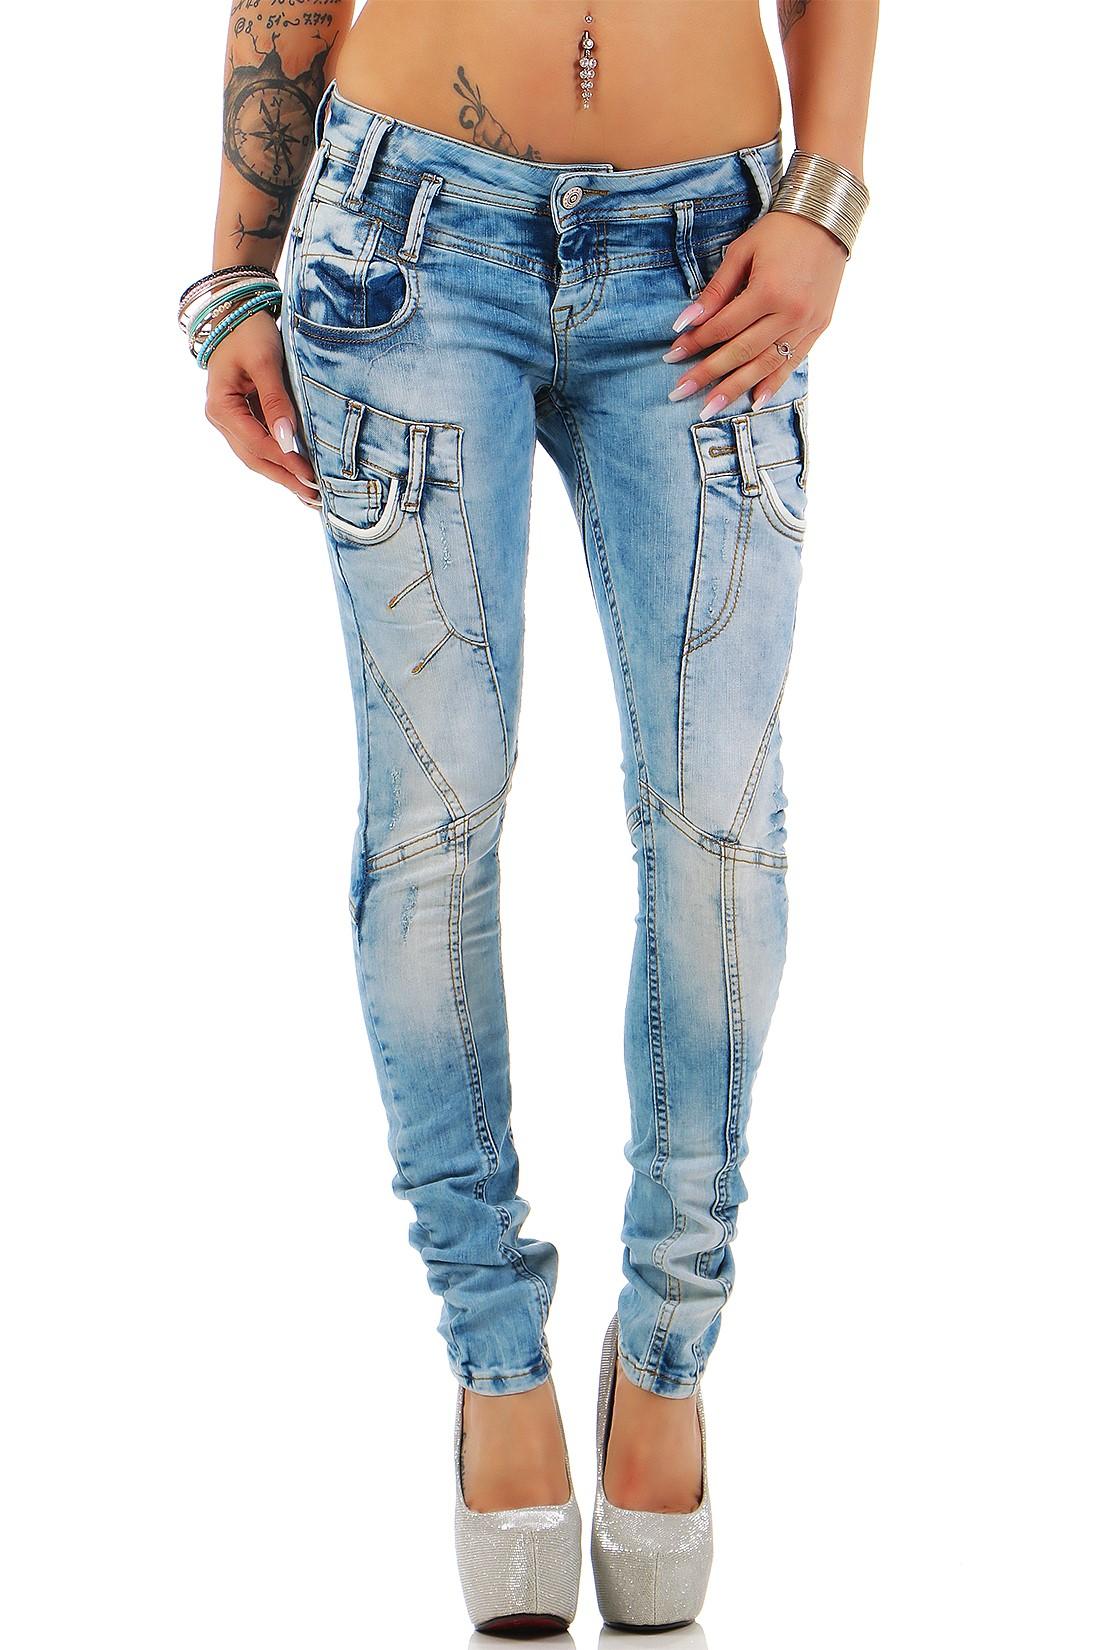 Verschiedene-Cipo-amp-Baxx-Damen-Jeans-Hosen-Slim-Fit-Regular-Fit-Streetwear Indexbild 51